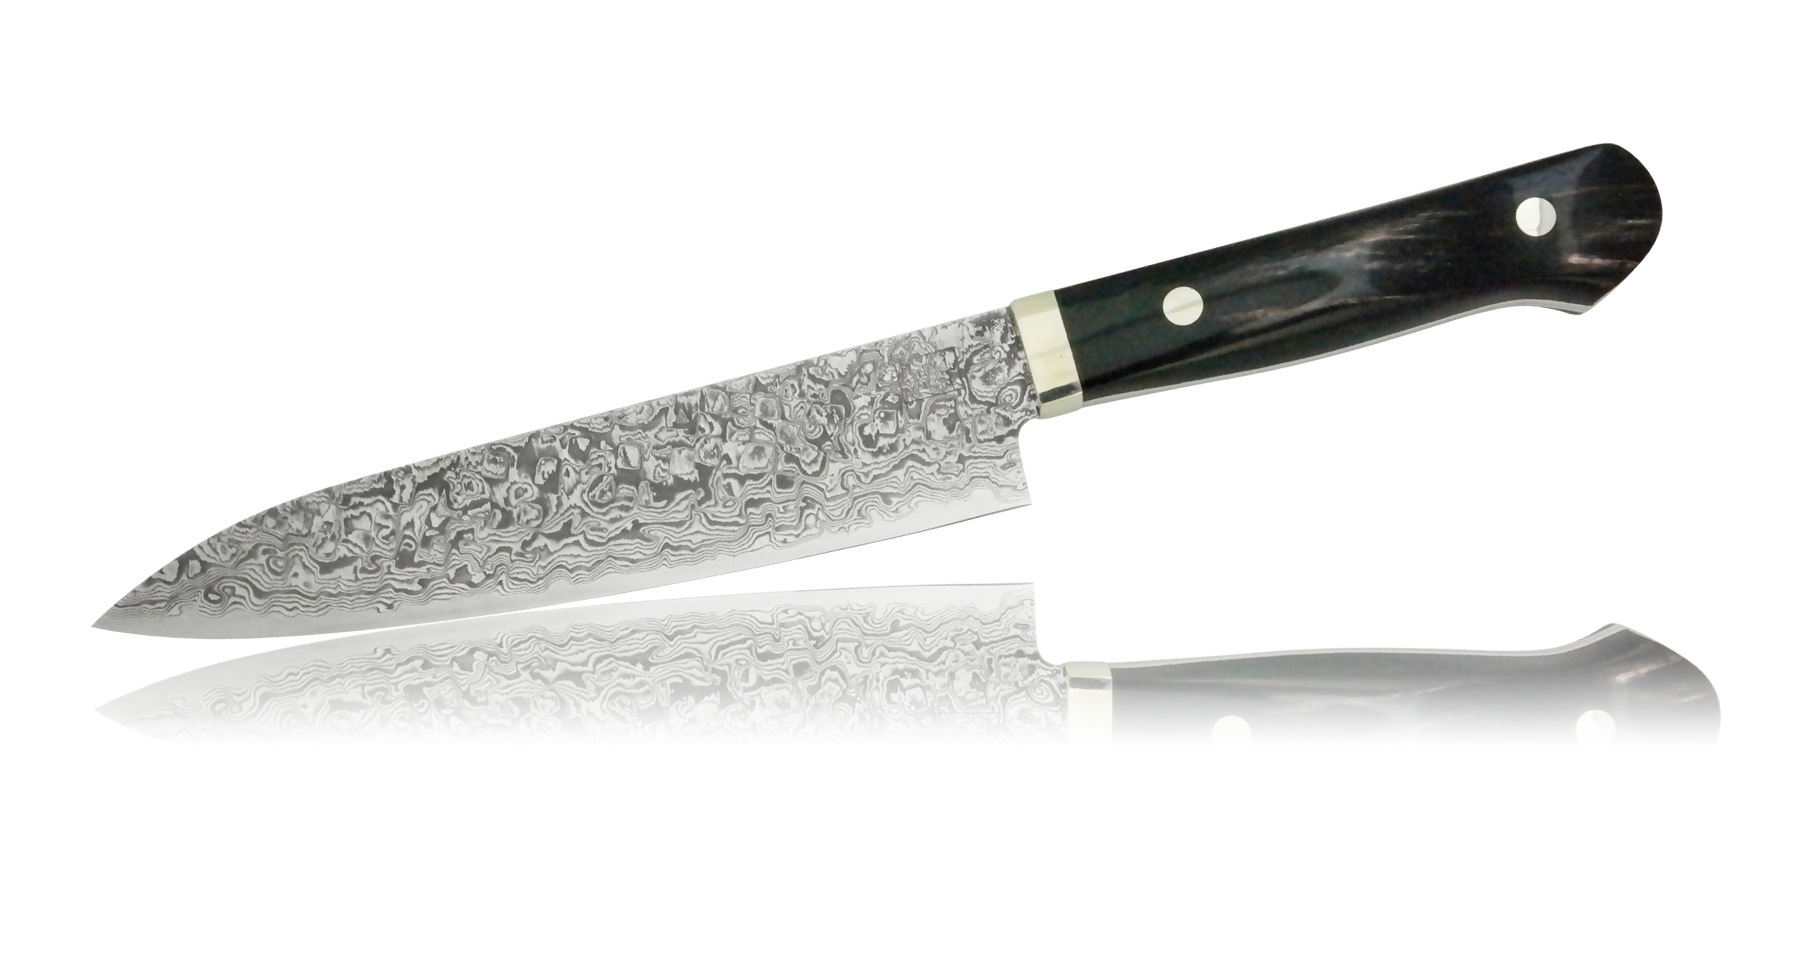 Нож универсальный Hiroo Itou, 150 мм, сталь R-2 в обкладках Damaskus, рукоять железное дерево